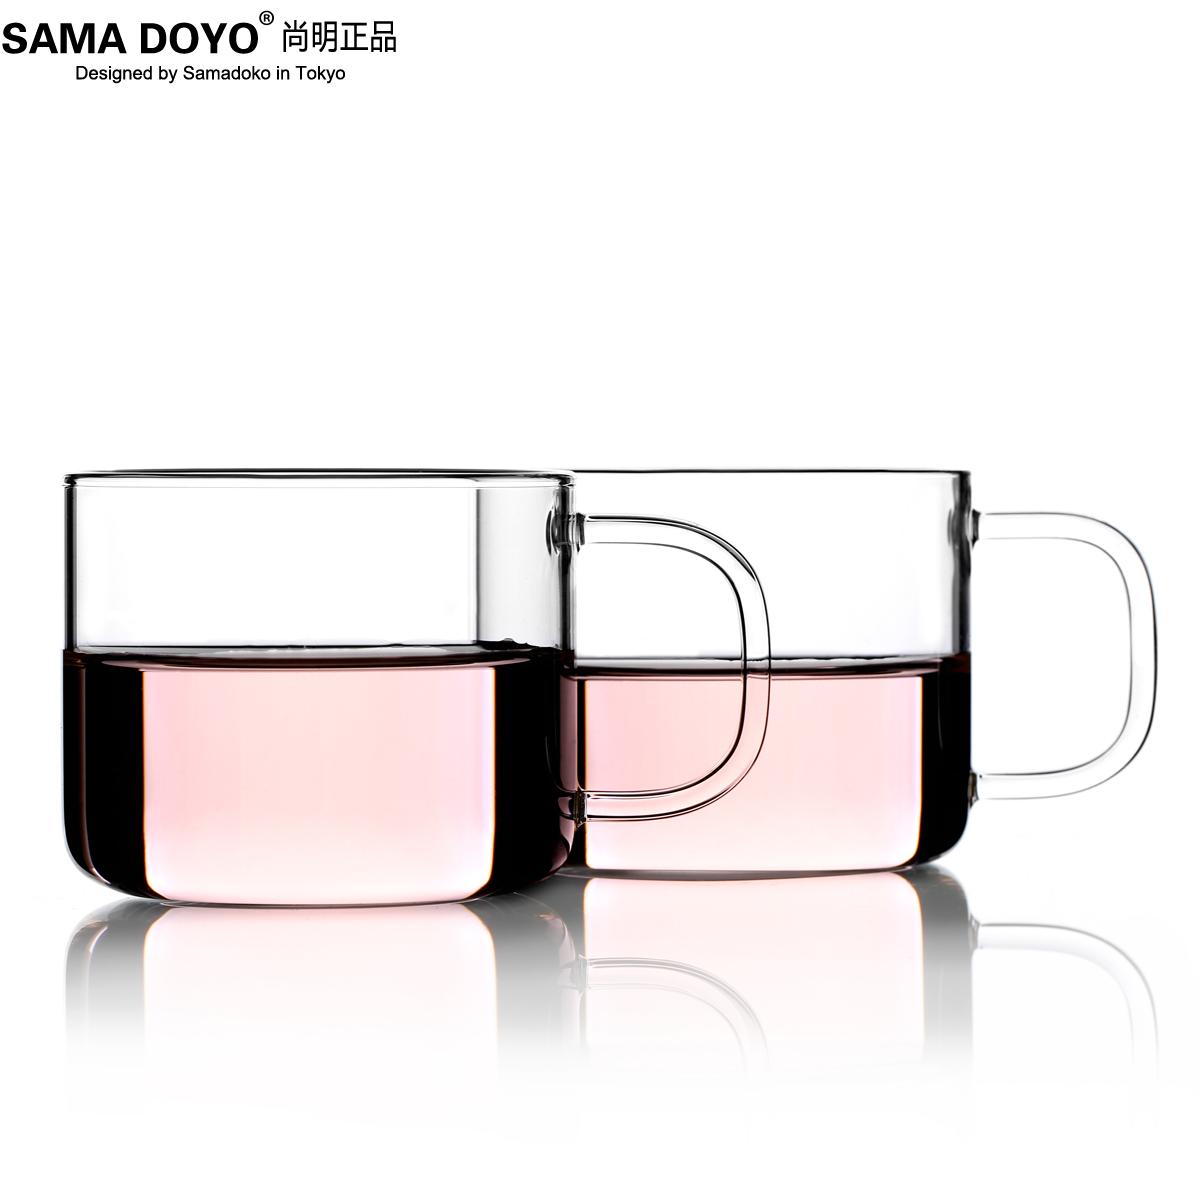 чайная чашка SAMADOYO 030312100209 урна ming shang